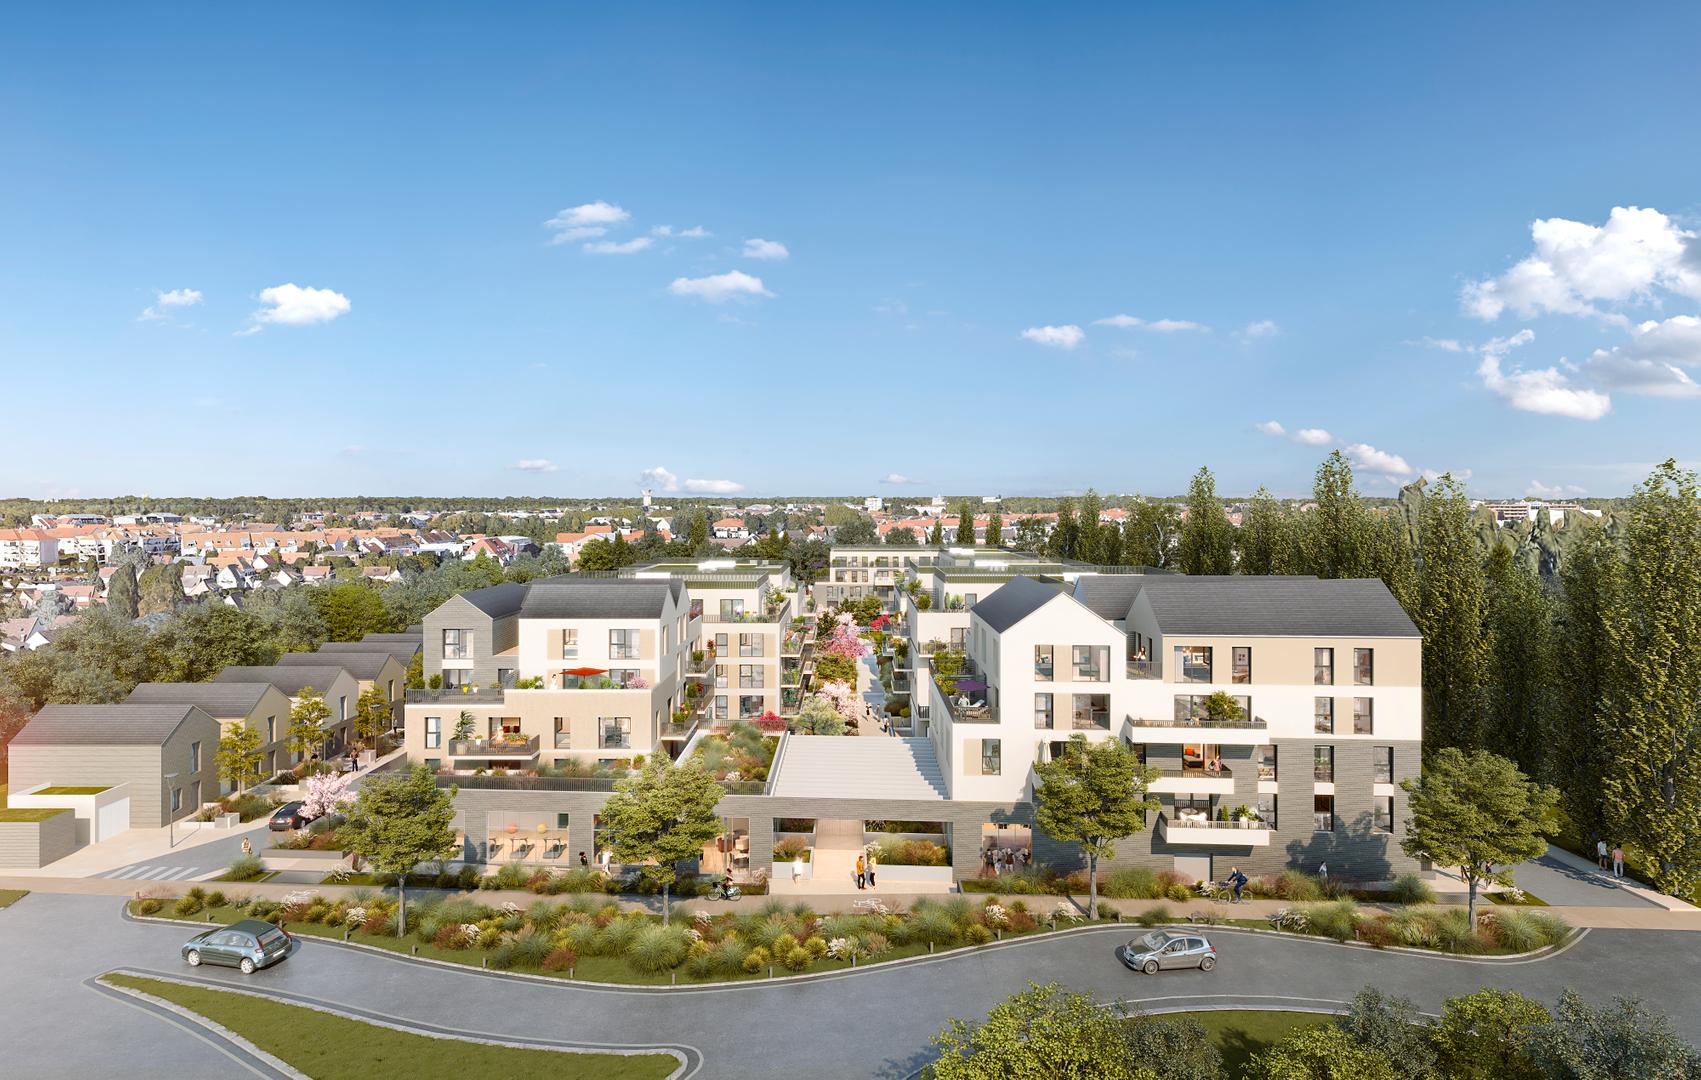 Maison Avec Travaux 77 uni't : programme immobilier neuf à pontault combault | nexity